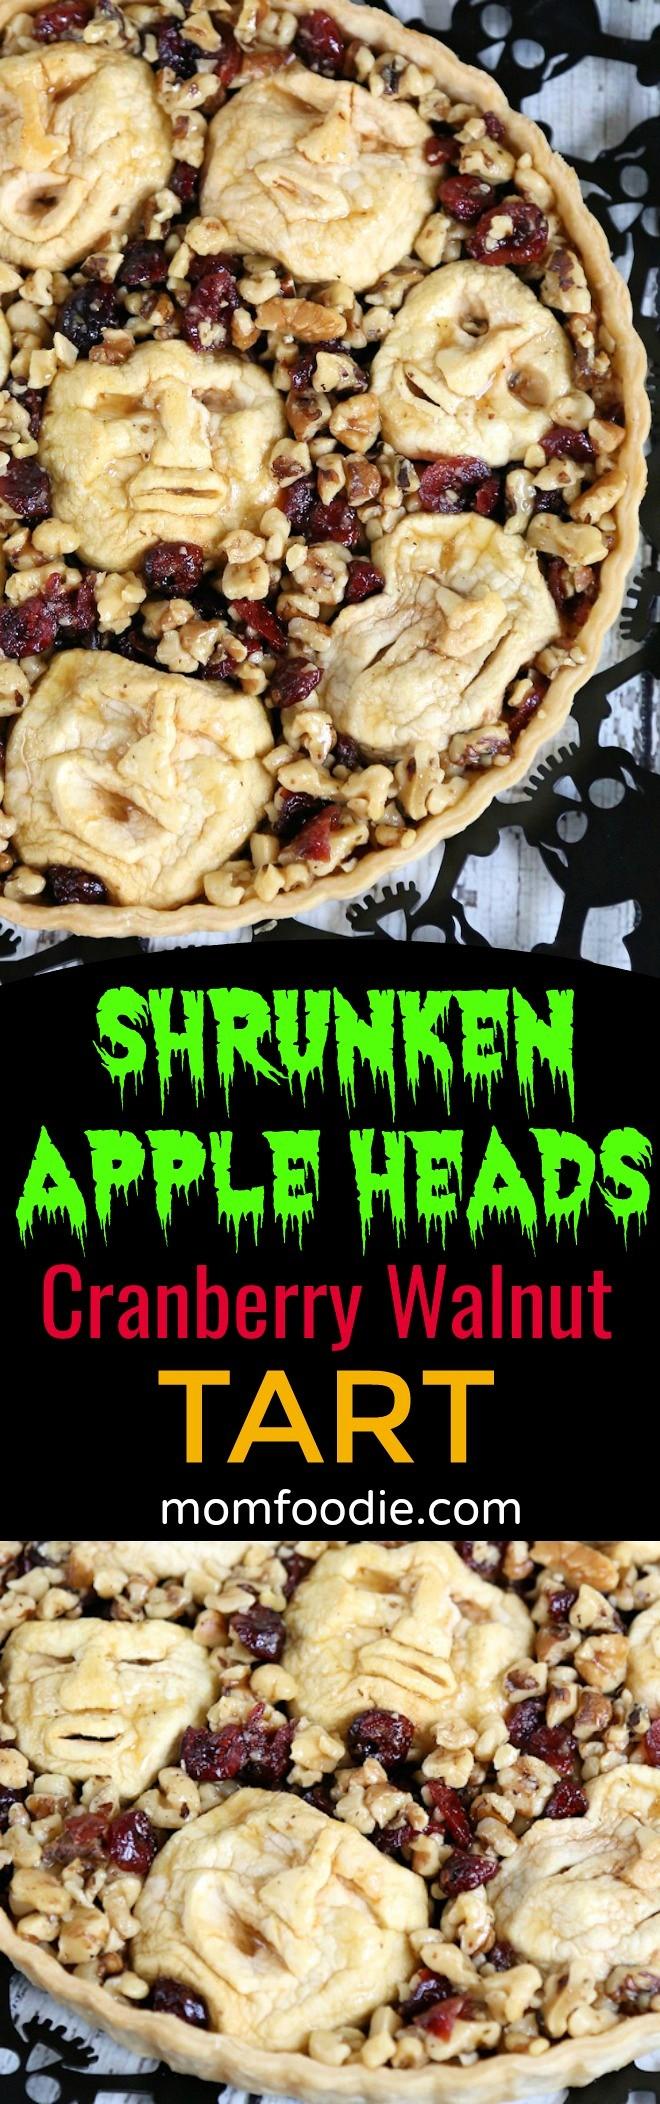 Shrunken Heads Halloween Apple Cranberry Walnut Tart Recipe - Great Dessrt for an Adult Halloween Party or Dinner.